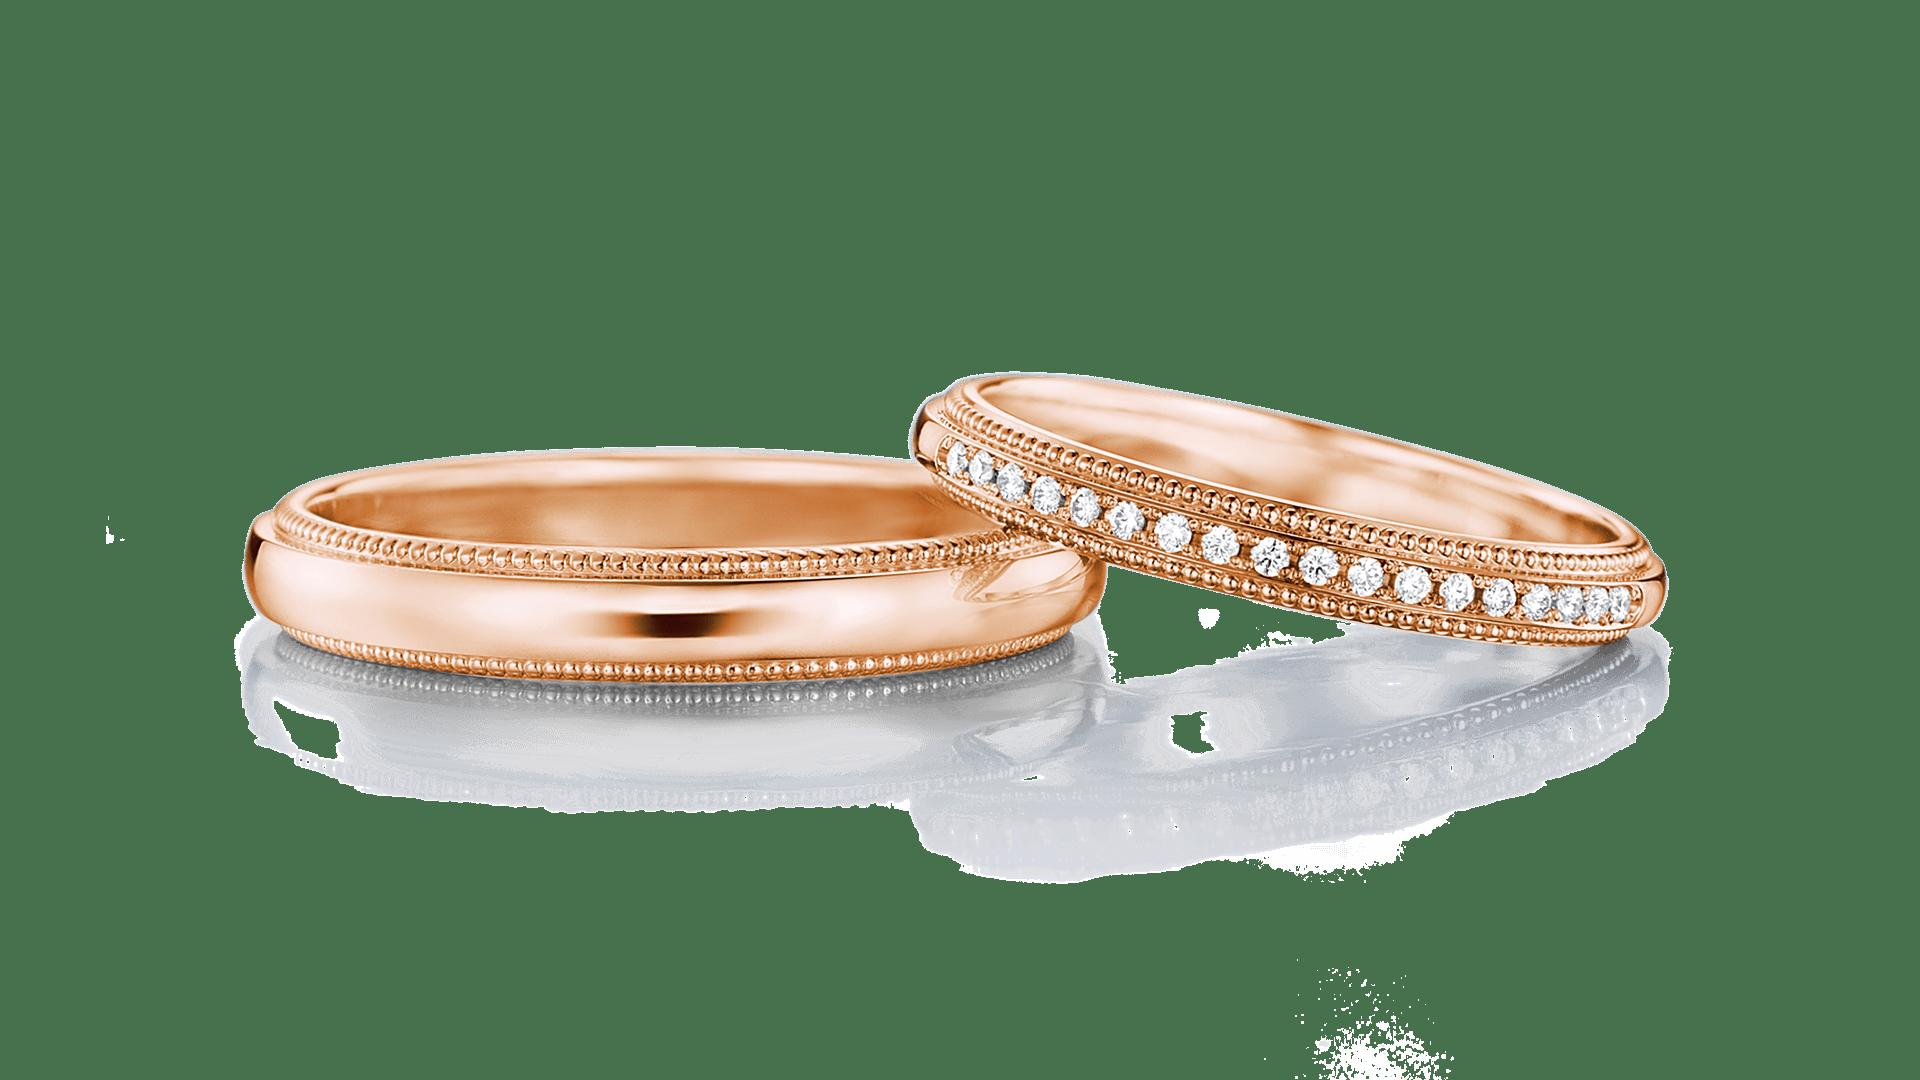 helios 18LD ヘリオス18LD | 結婚指輪サムネイル 1